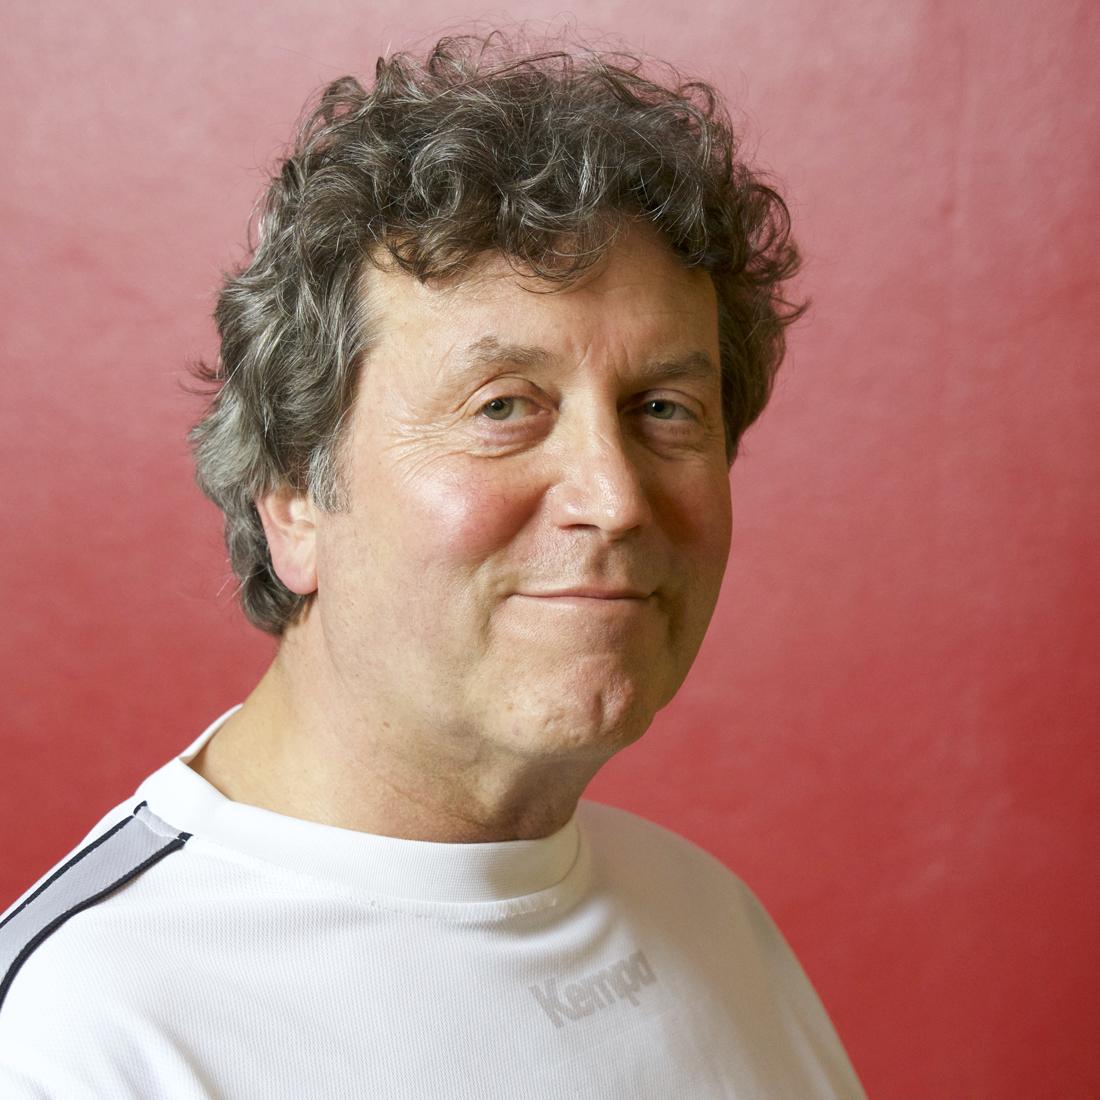 Martin Martsch